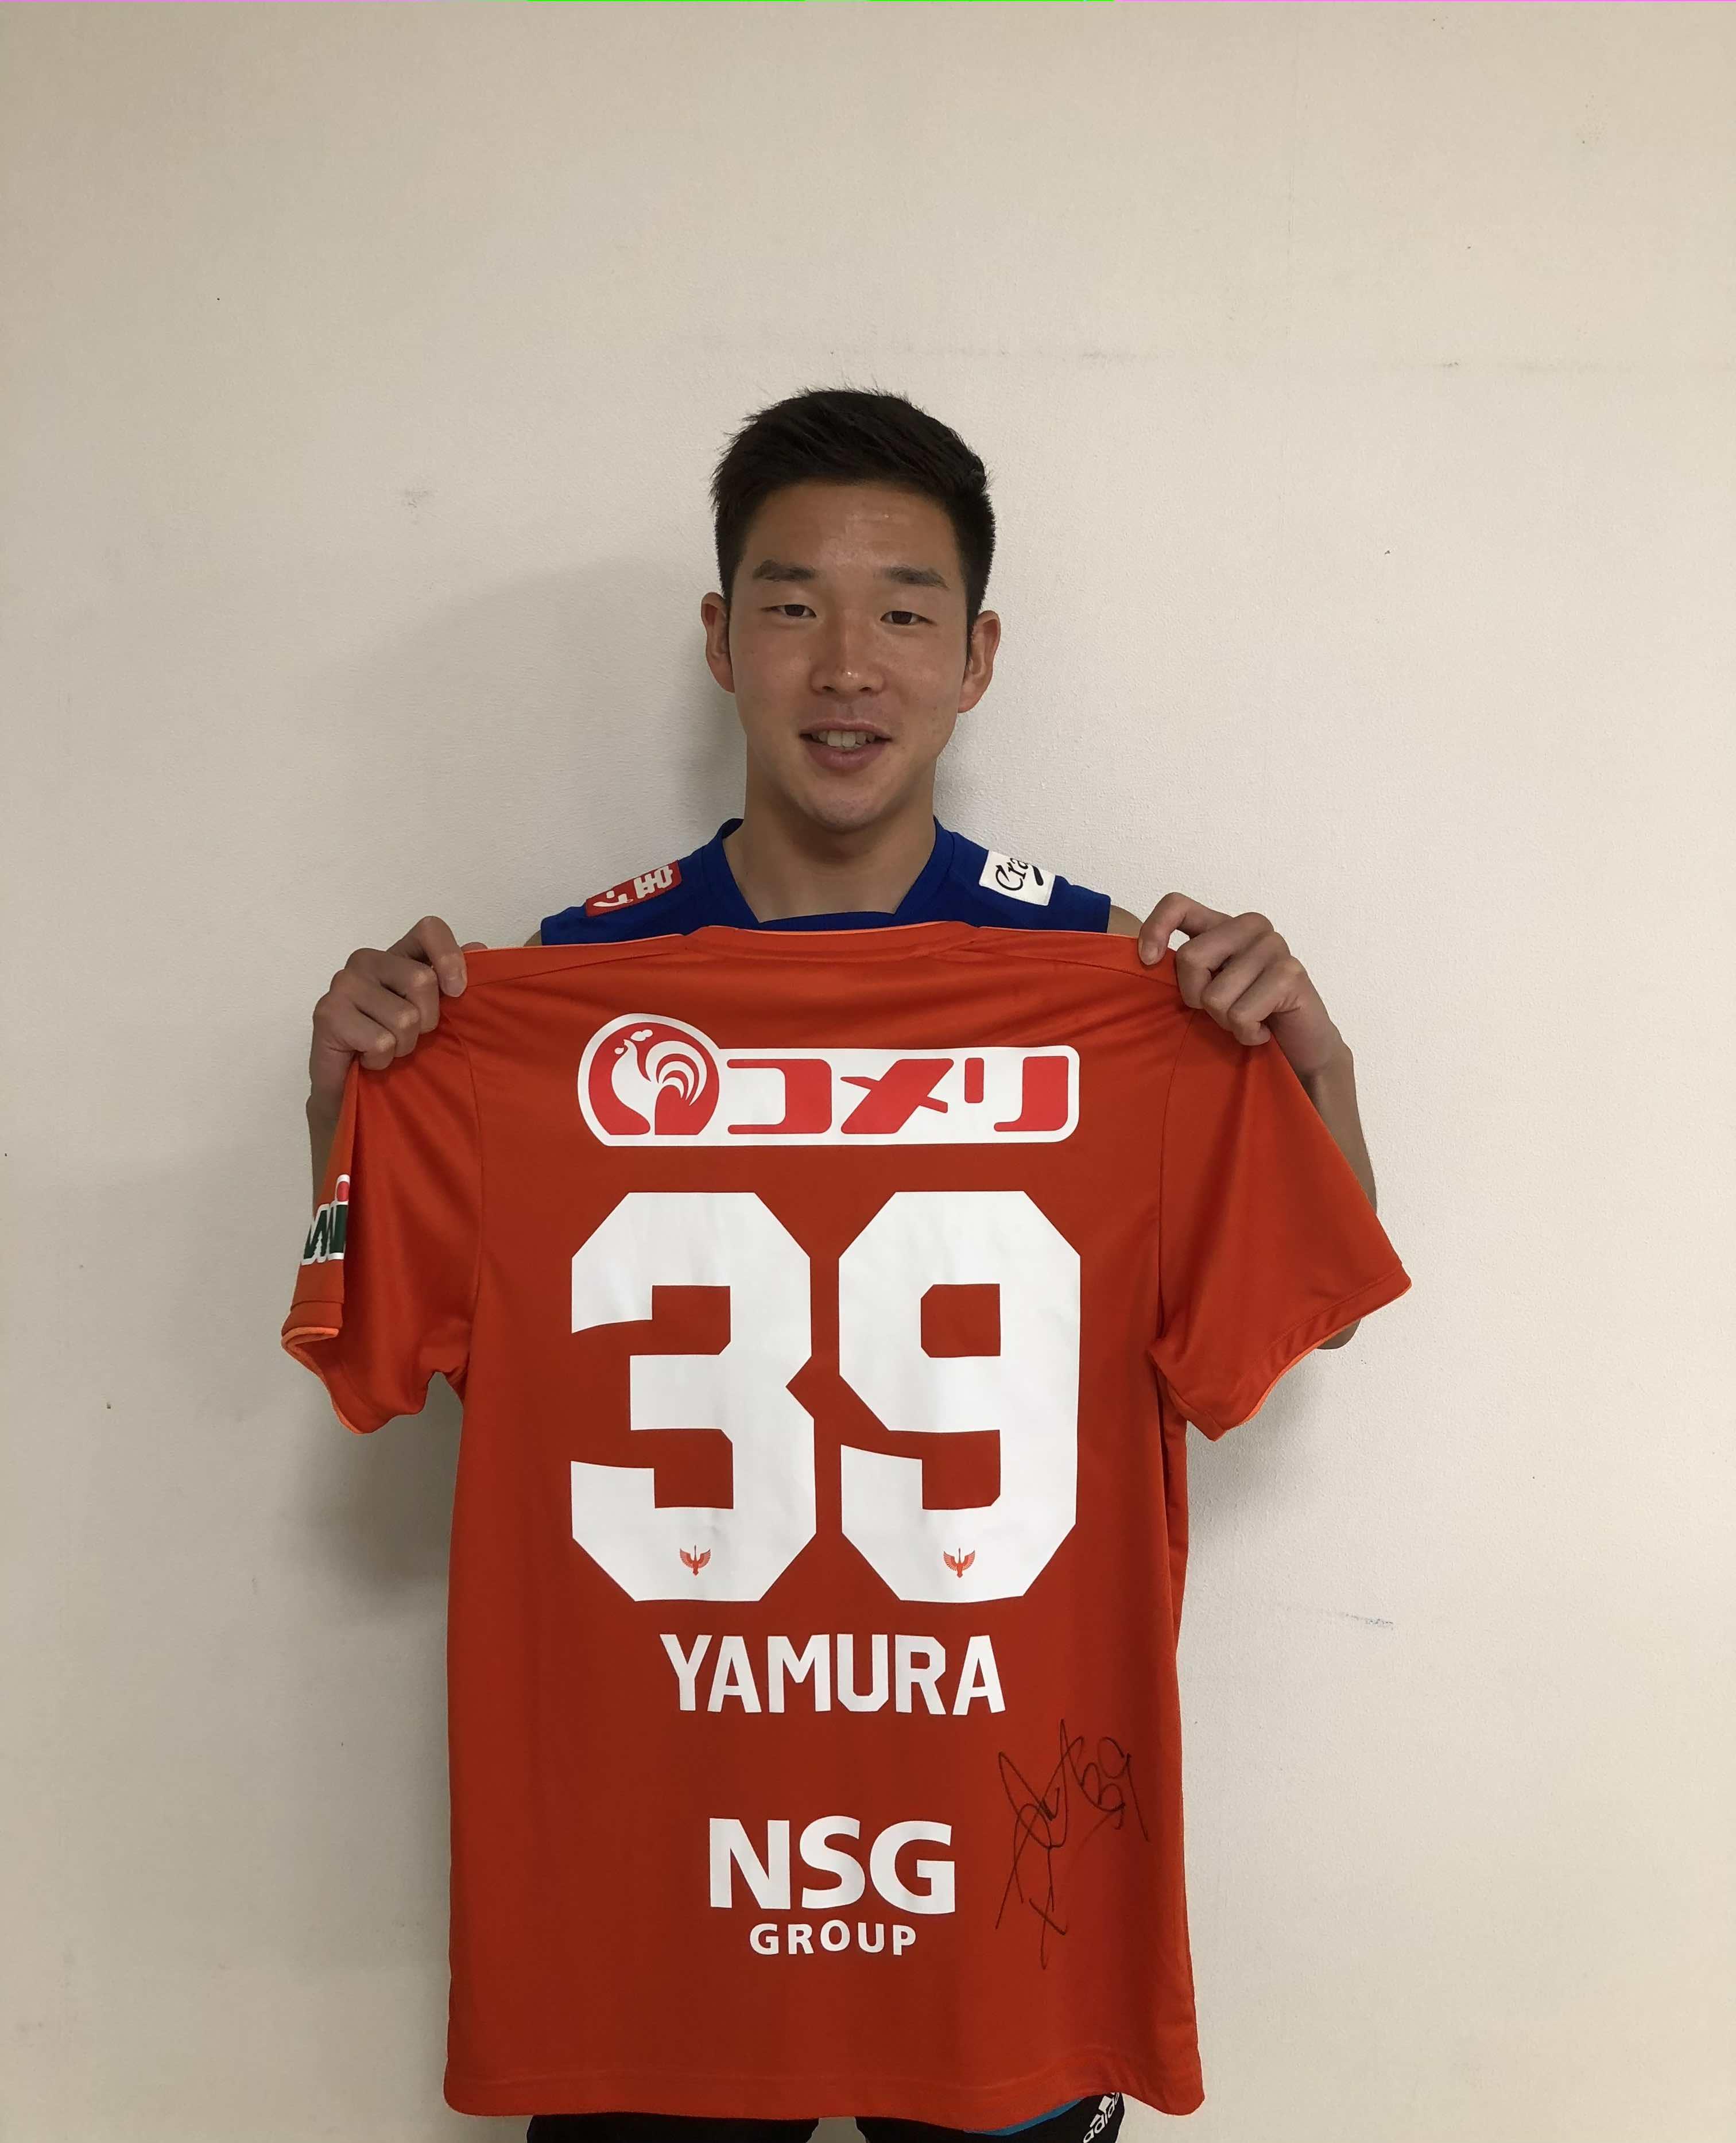 【直筆サイン入り公式】 アルビレックス新潟2020シーズン1stユニフォーム 矢村健 選手